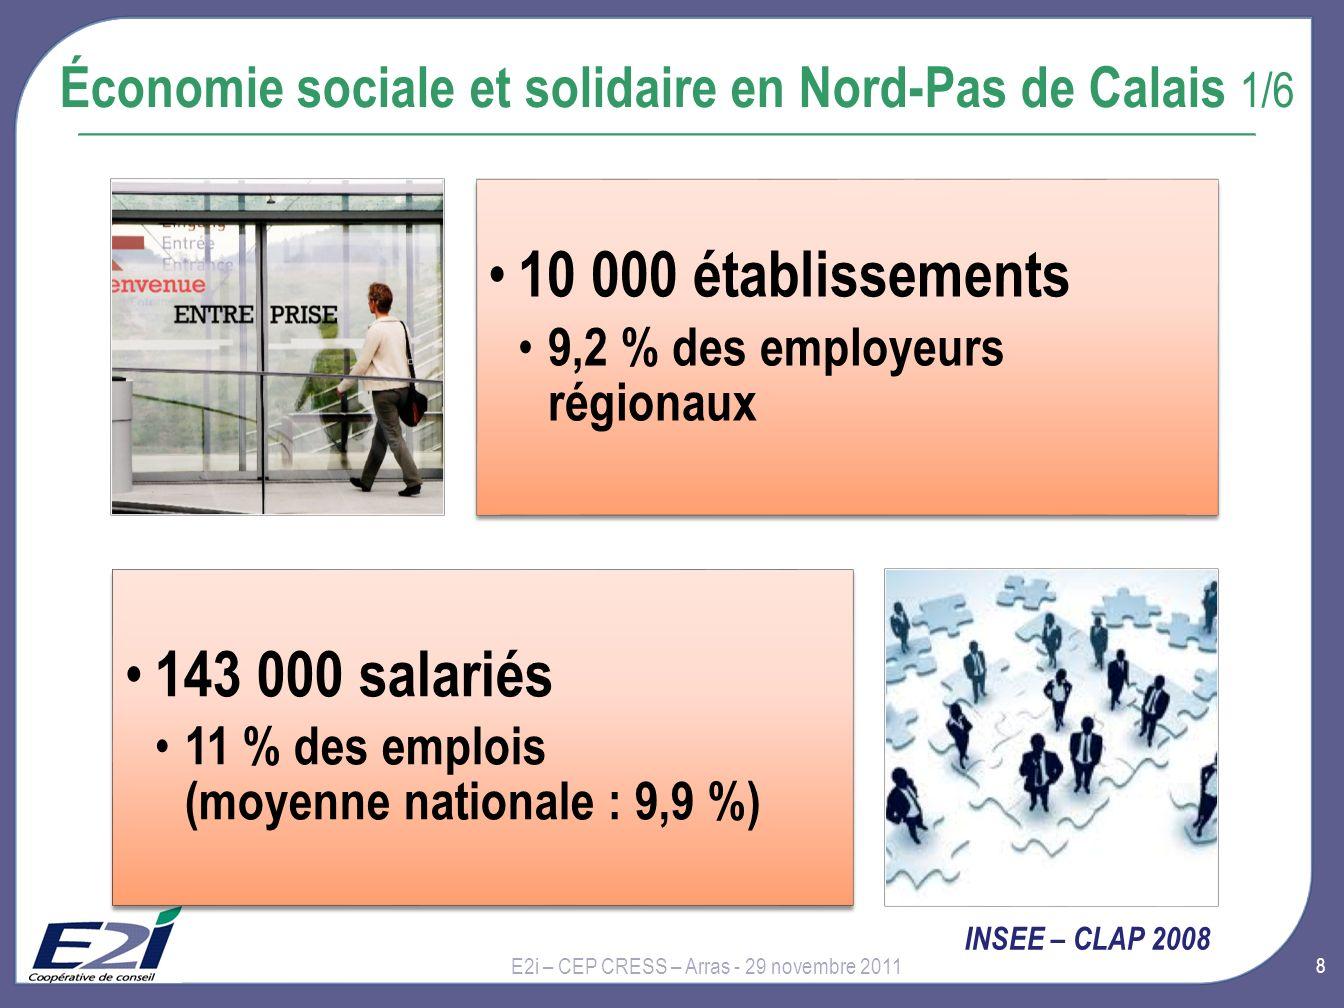 9 Économie sociale et solidaire en Nord-Pas de Calais 2/6 E2i – CEP CRESS – Arras - 29 novembre 2011 INSEE – CLAP 2008 et 520 à 550 000 bénévoles dont 280 à 300 000 bénévoles réguliers Estimations Recherches et solidarités 2010